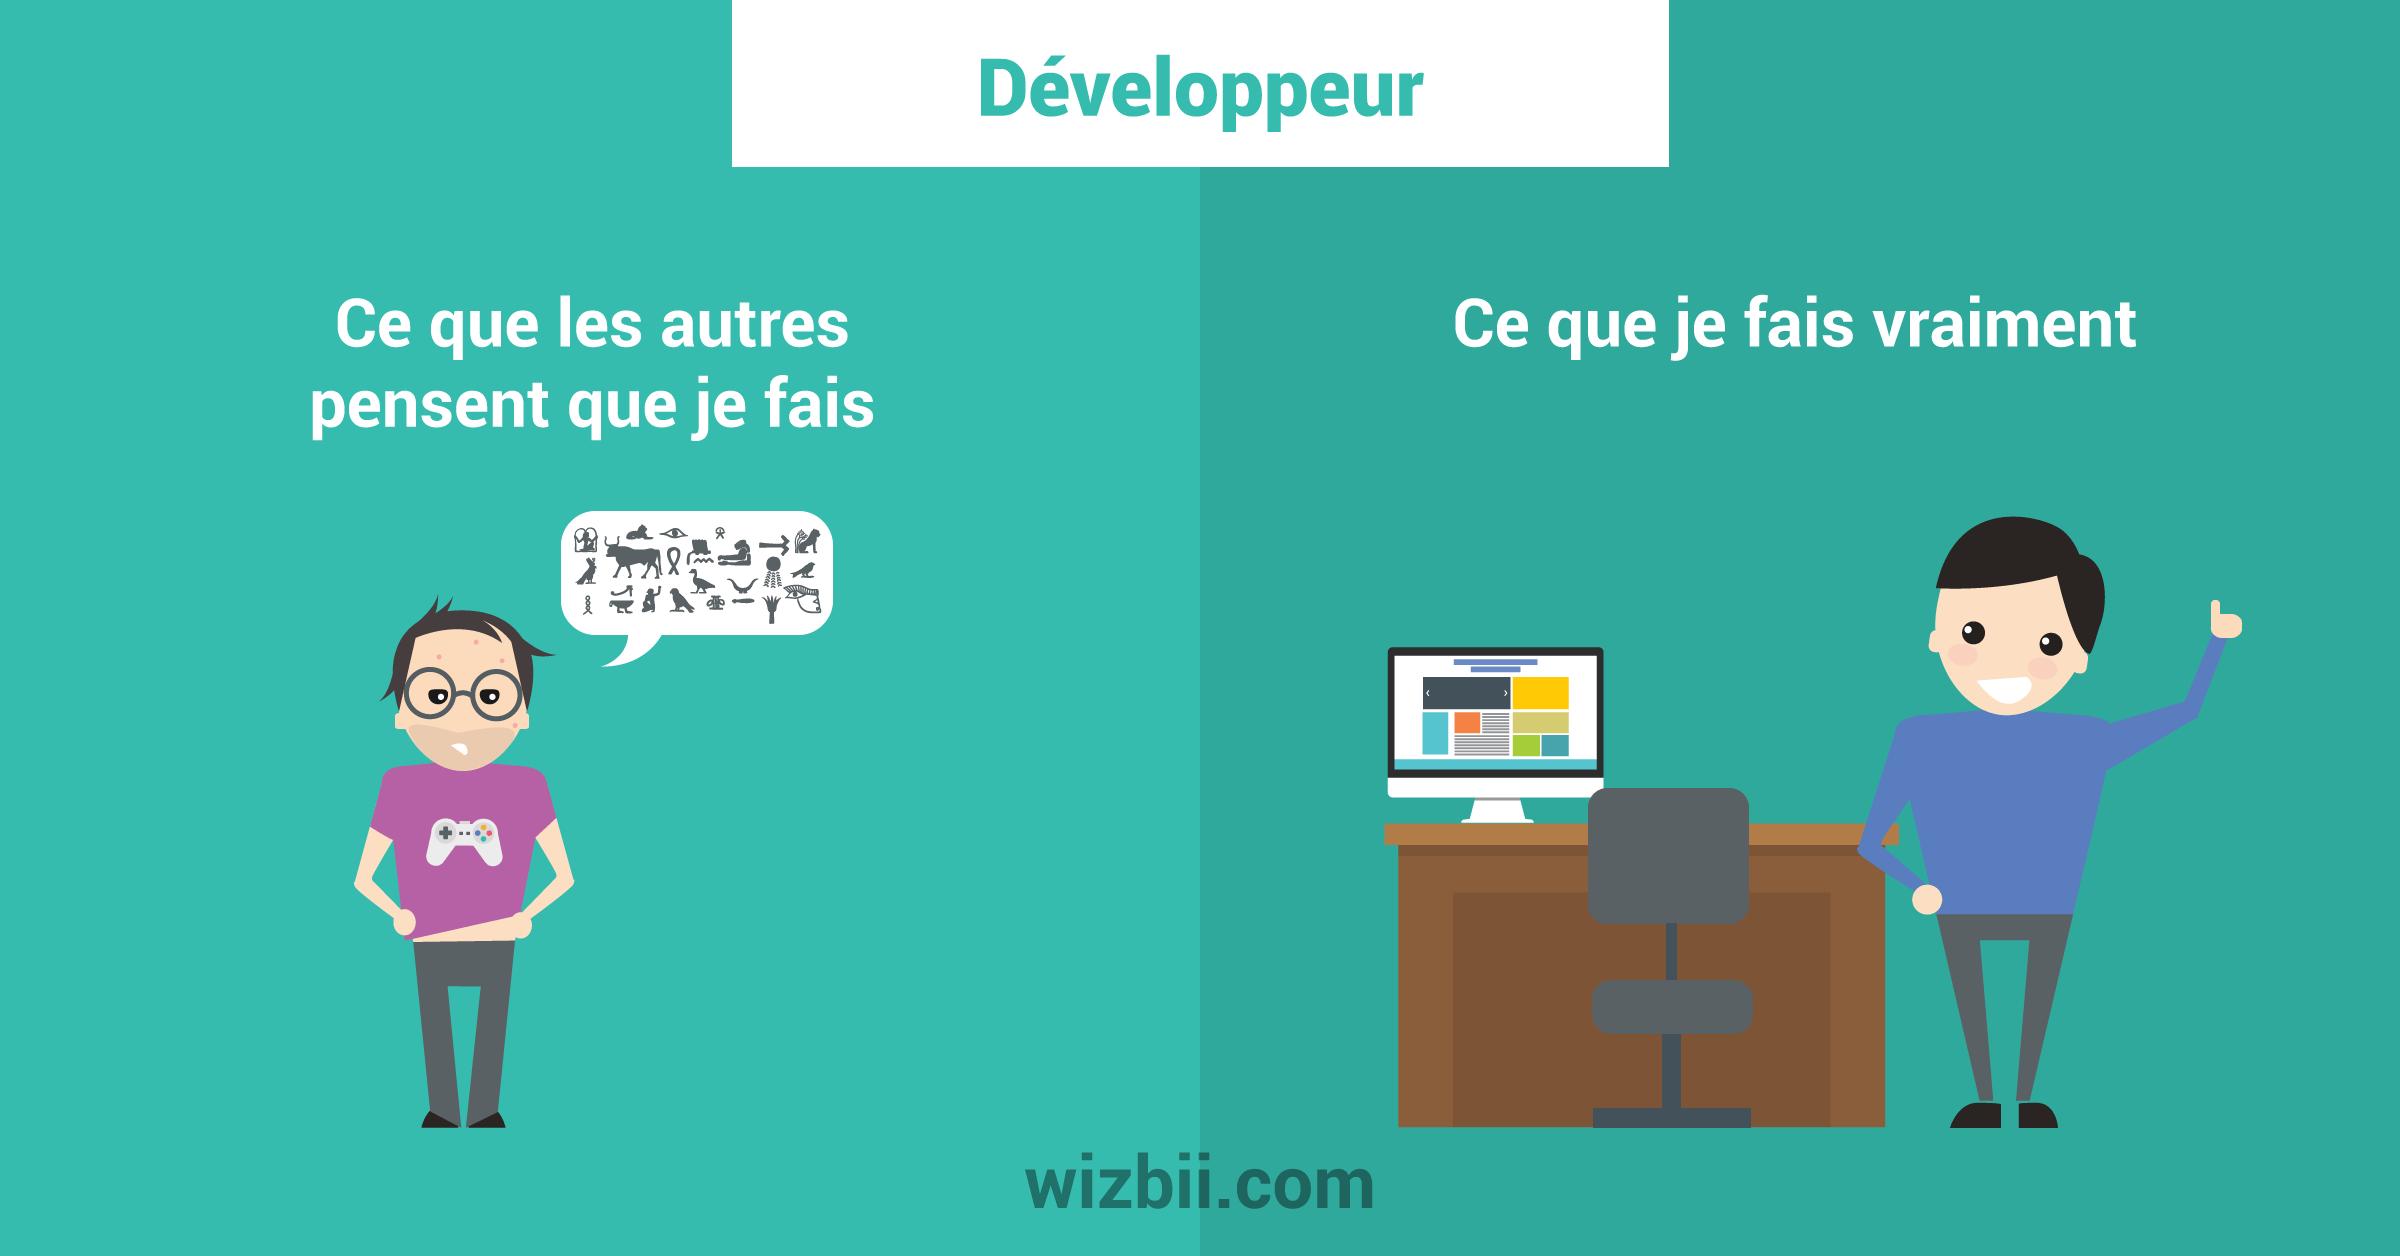 le job de développeur, ce que les autres pensent que je fais VS ce que je fais vraiment